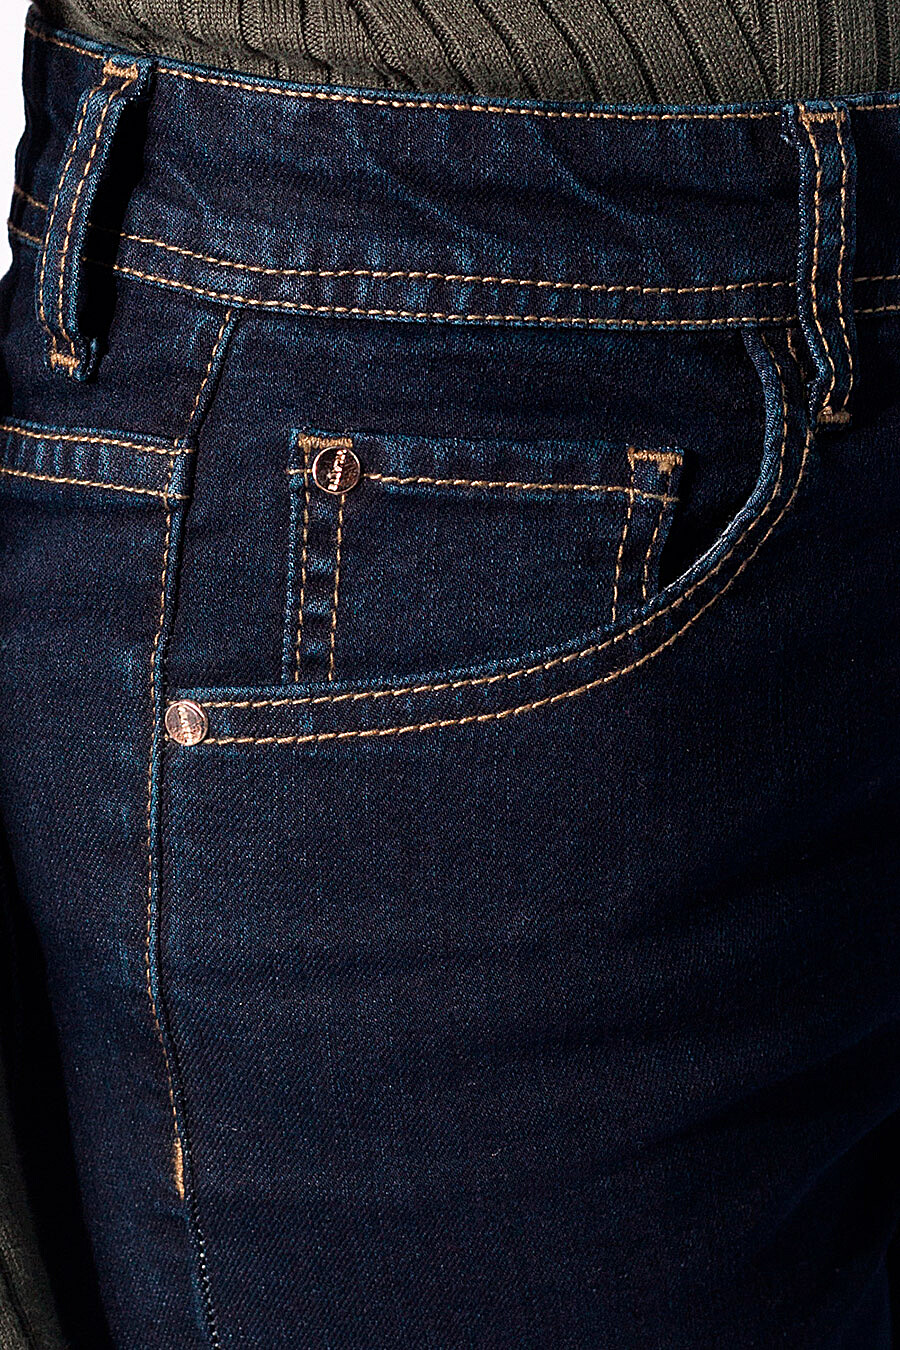 Джинсы для женщин VILATTE 707528 купить оптом от производителя. Совместная покупка женской одежды в OptMoyo